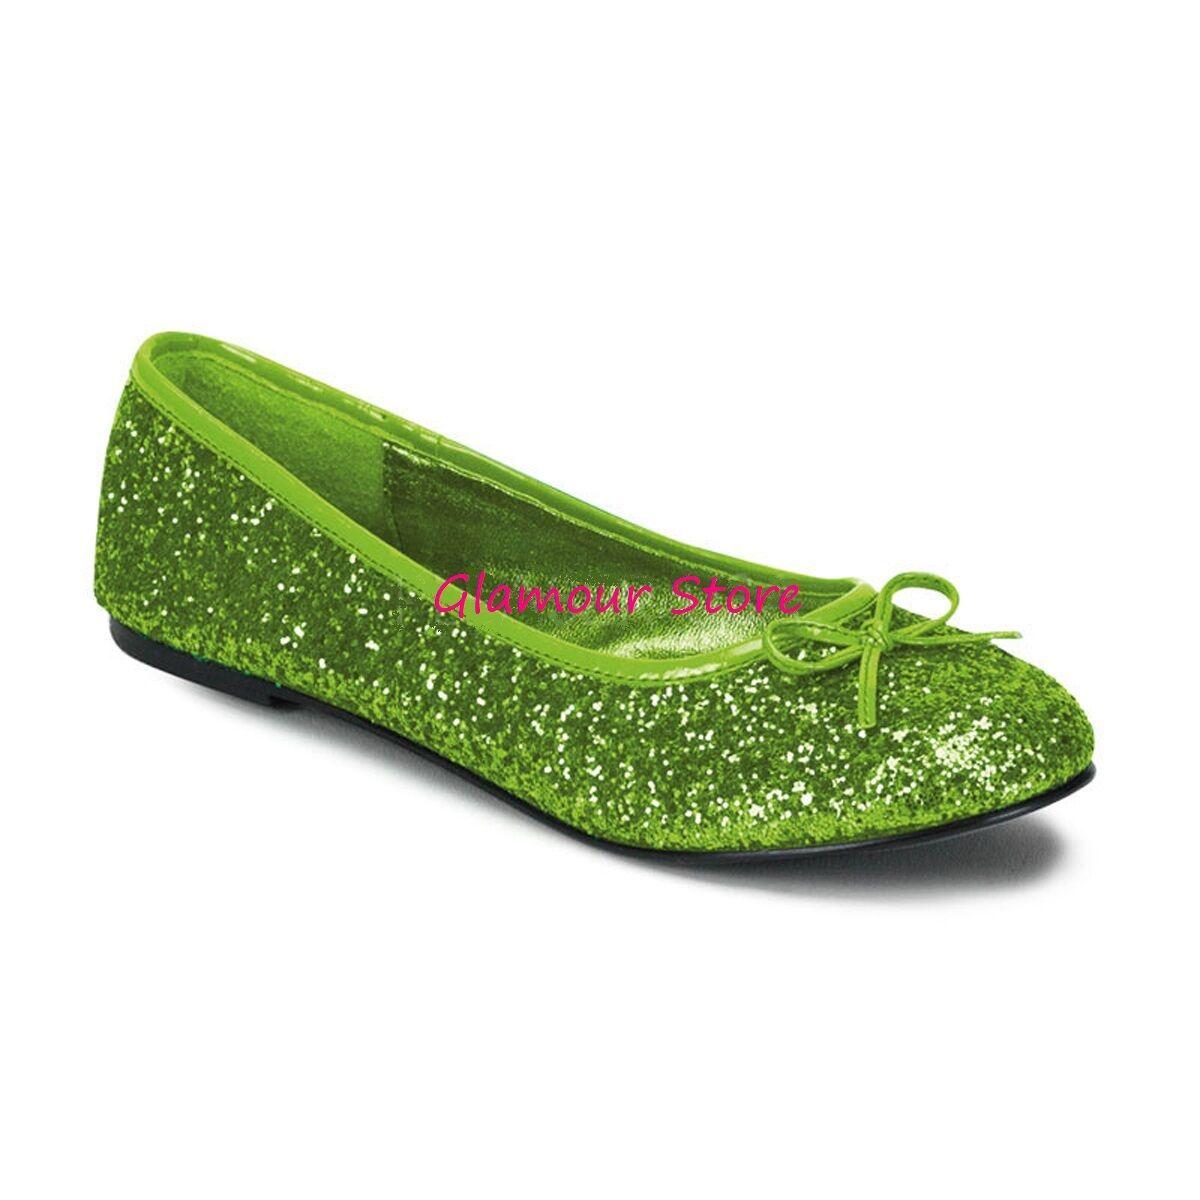 Sexy BALLERINE GLITTER tacco flat dal 35 al 42 verde LIME fiocco scarpe GLAMOUR